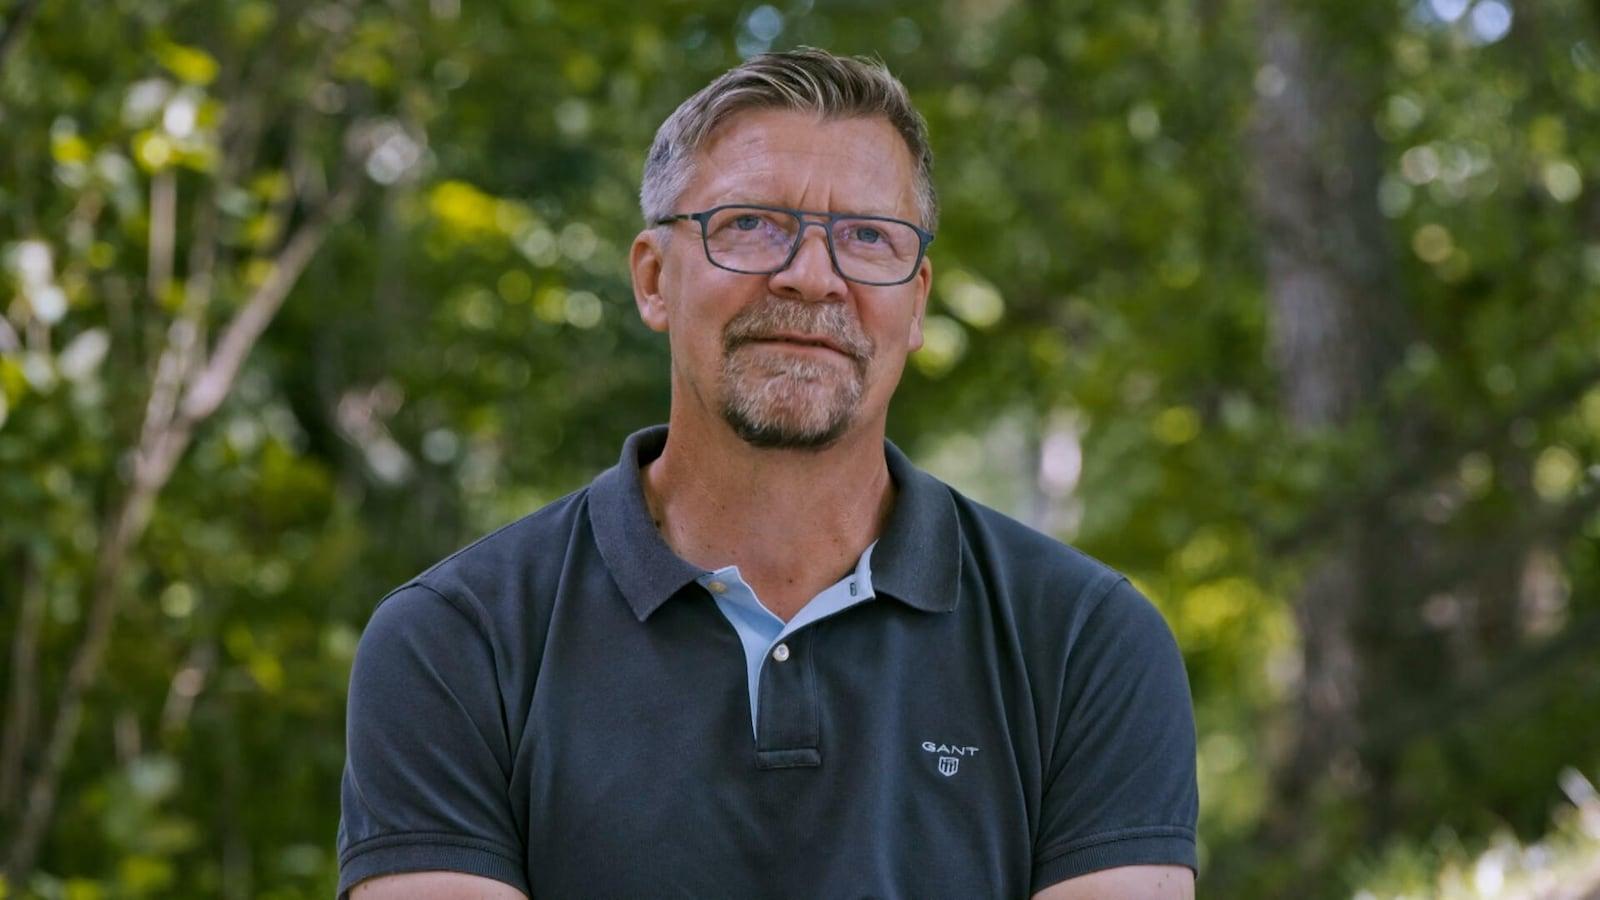 2. Jukka Jalonen